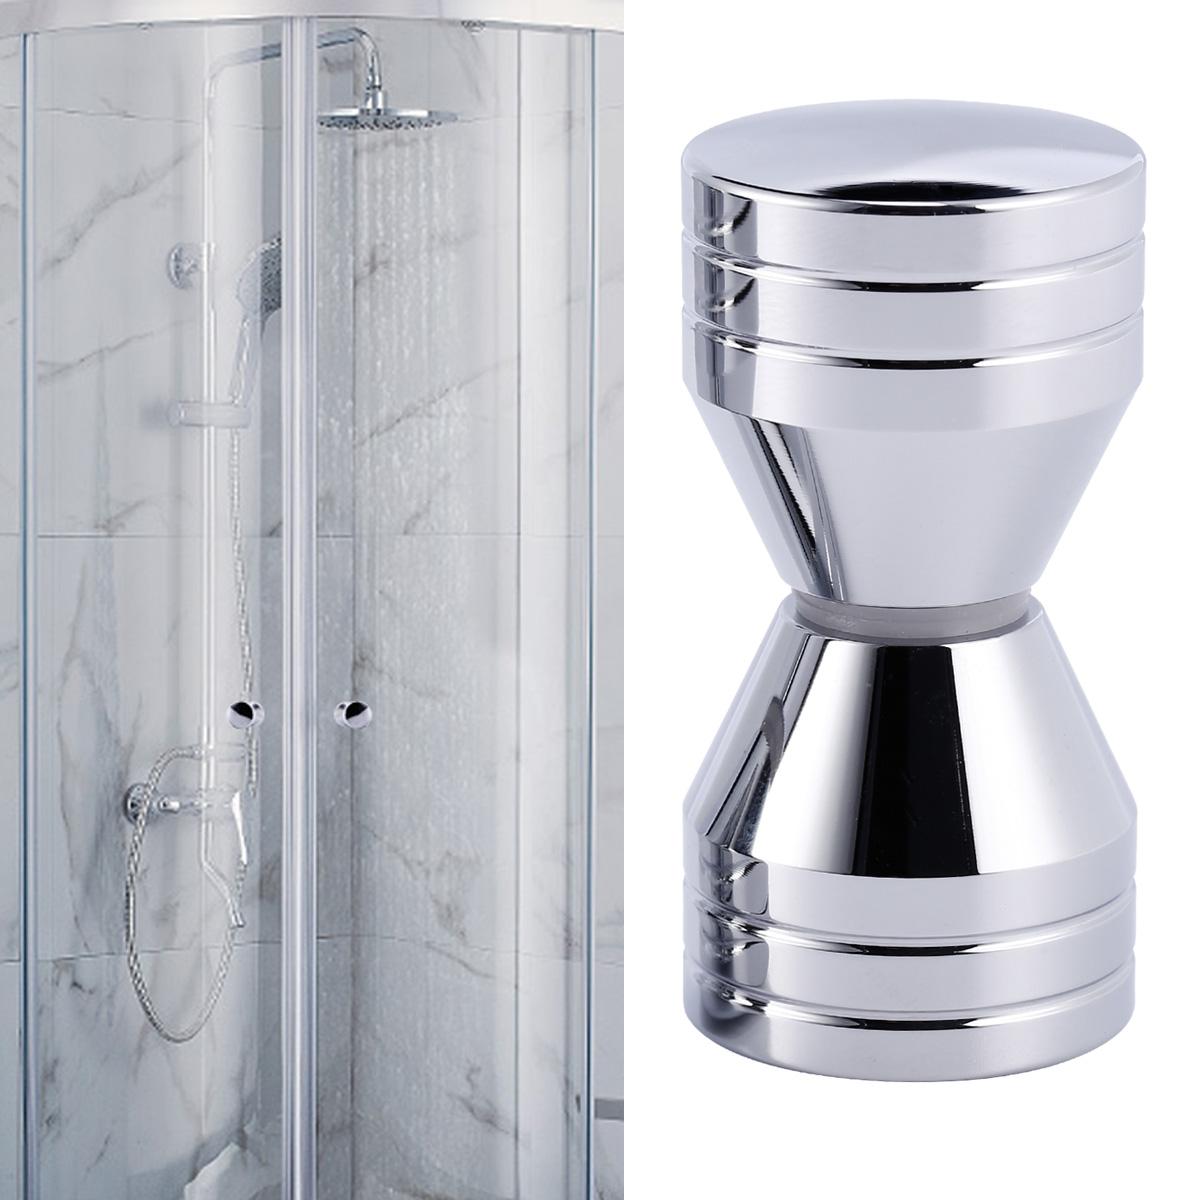 N\A Lot de 2 boutons de porte de douche en acier inoxydable brillant pour porte de douche